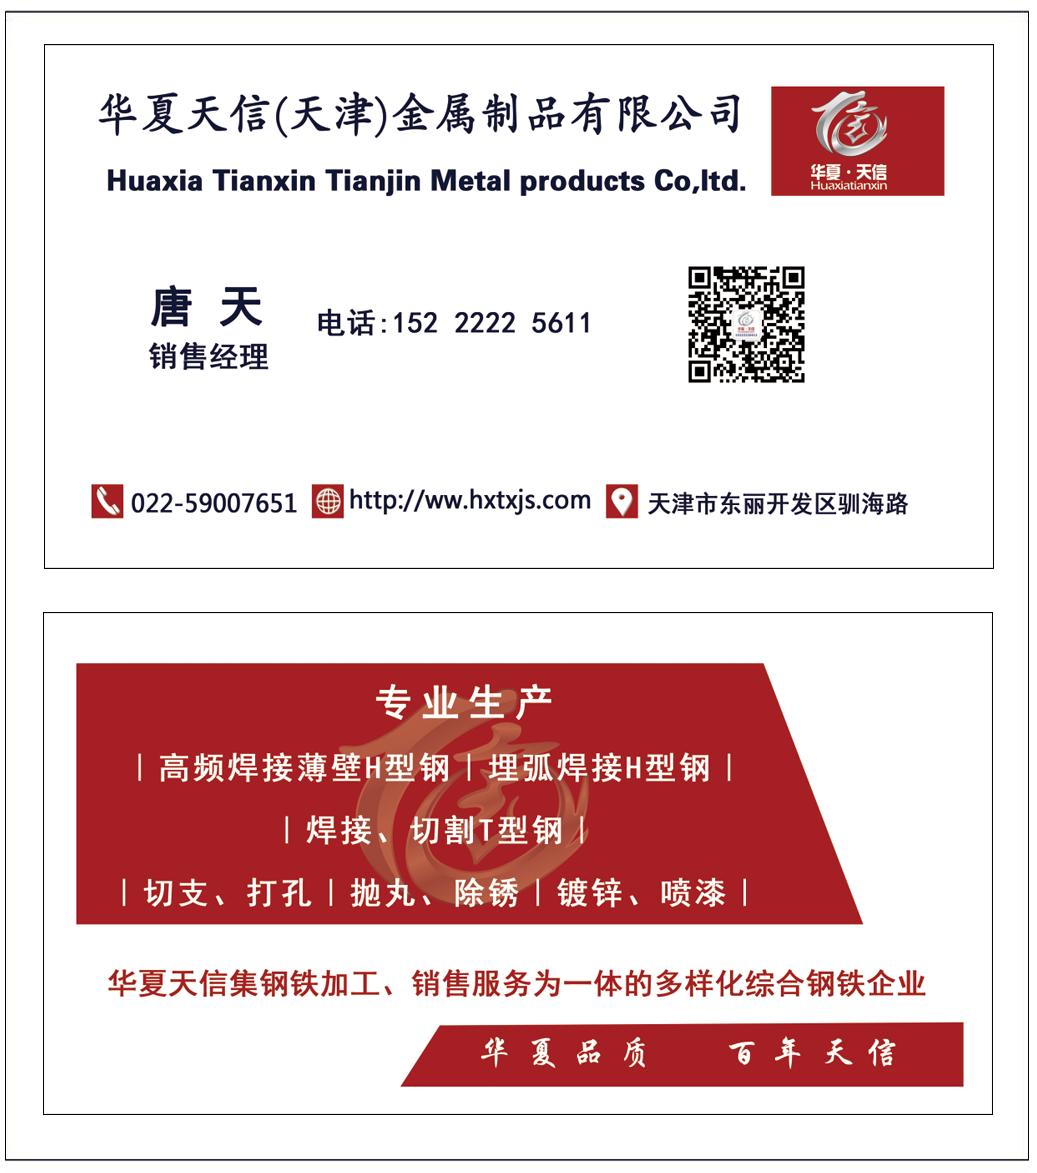 河南/郑州/H型钢/T型钢/高频焊接H型钢/加工/公司/价格